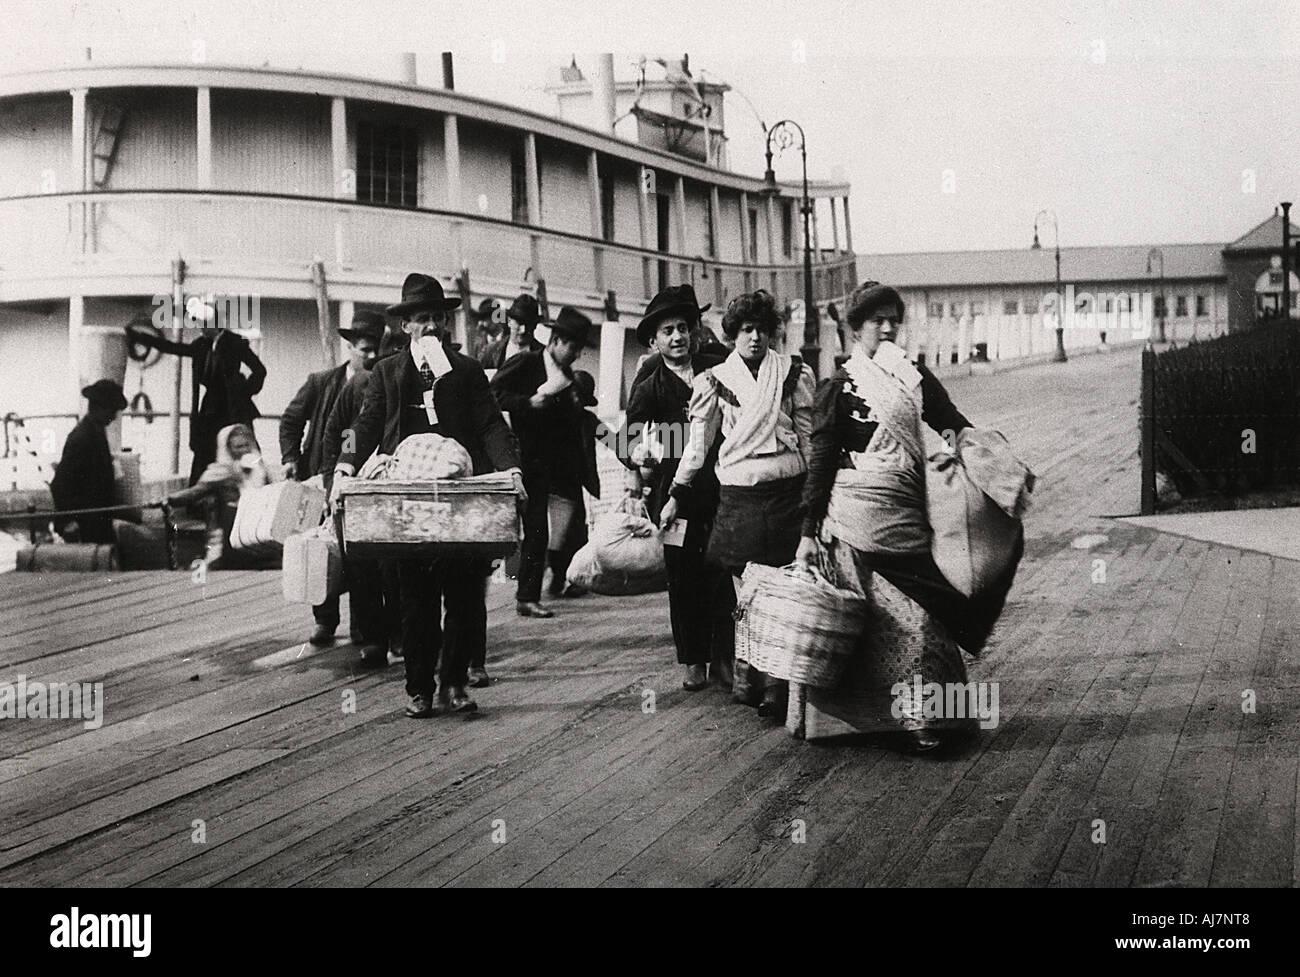 Les immigrants vers les USA à l'atterrissage à Ellis Island, New York, c1900. Artiste: Inconnu Banque D'Images